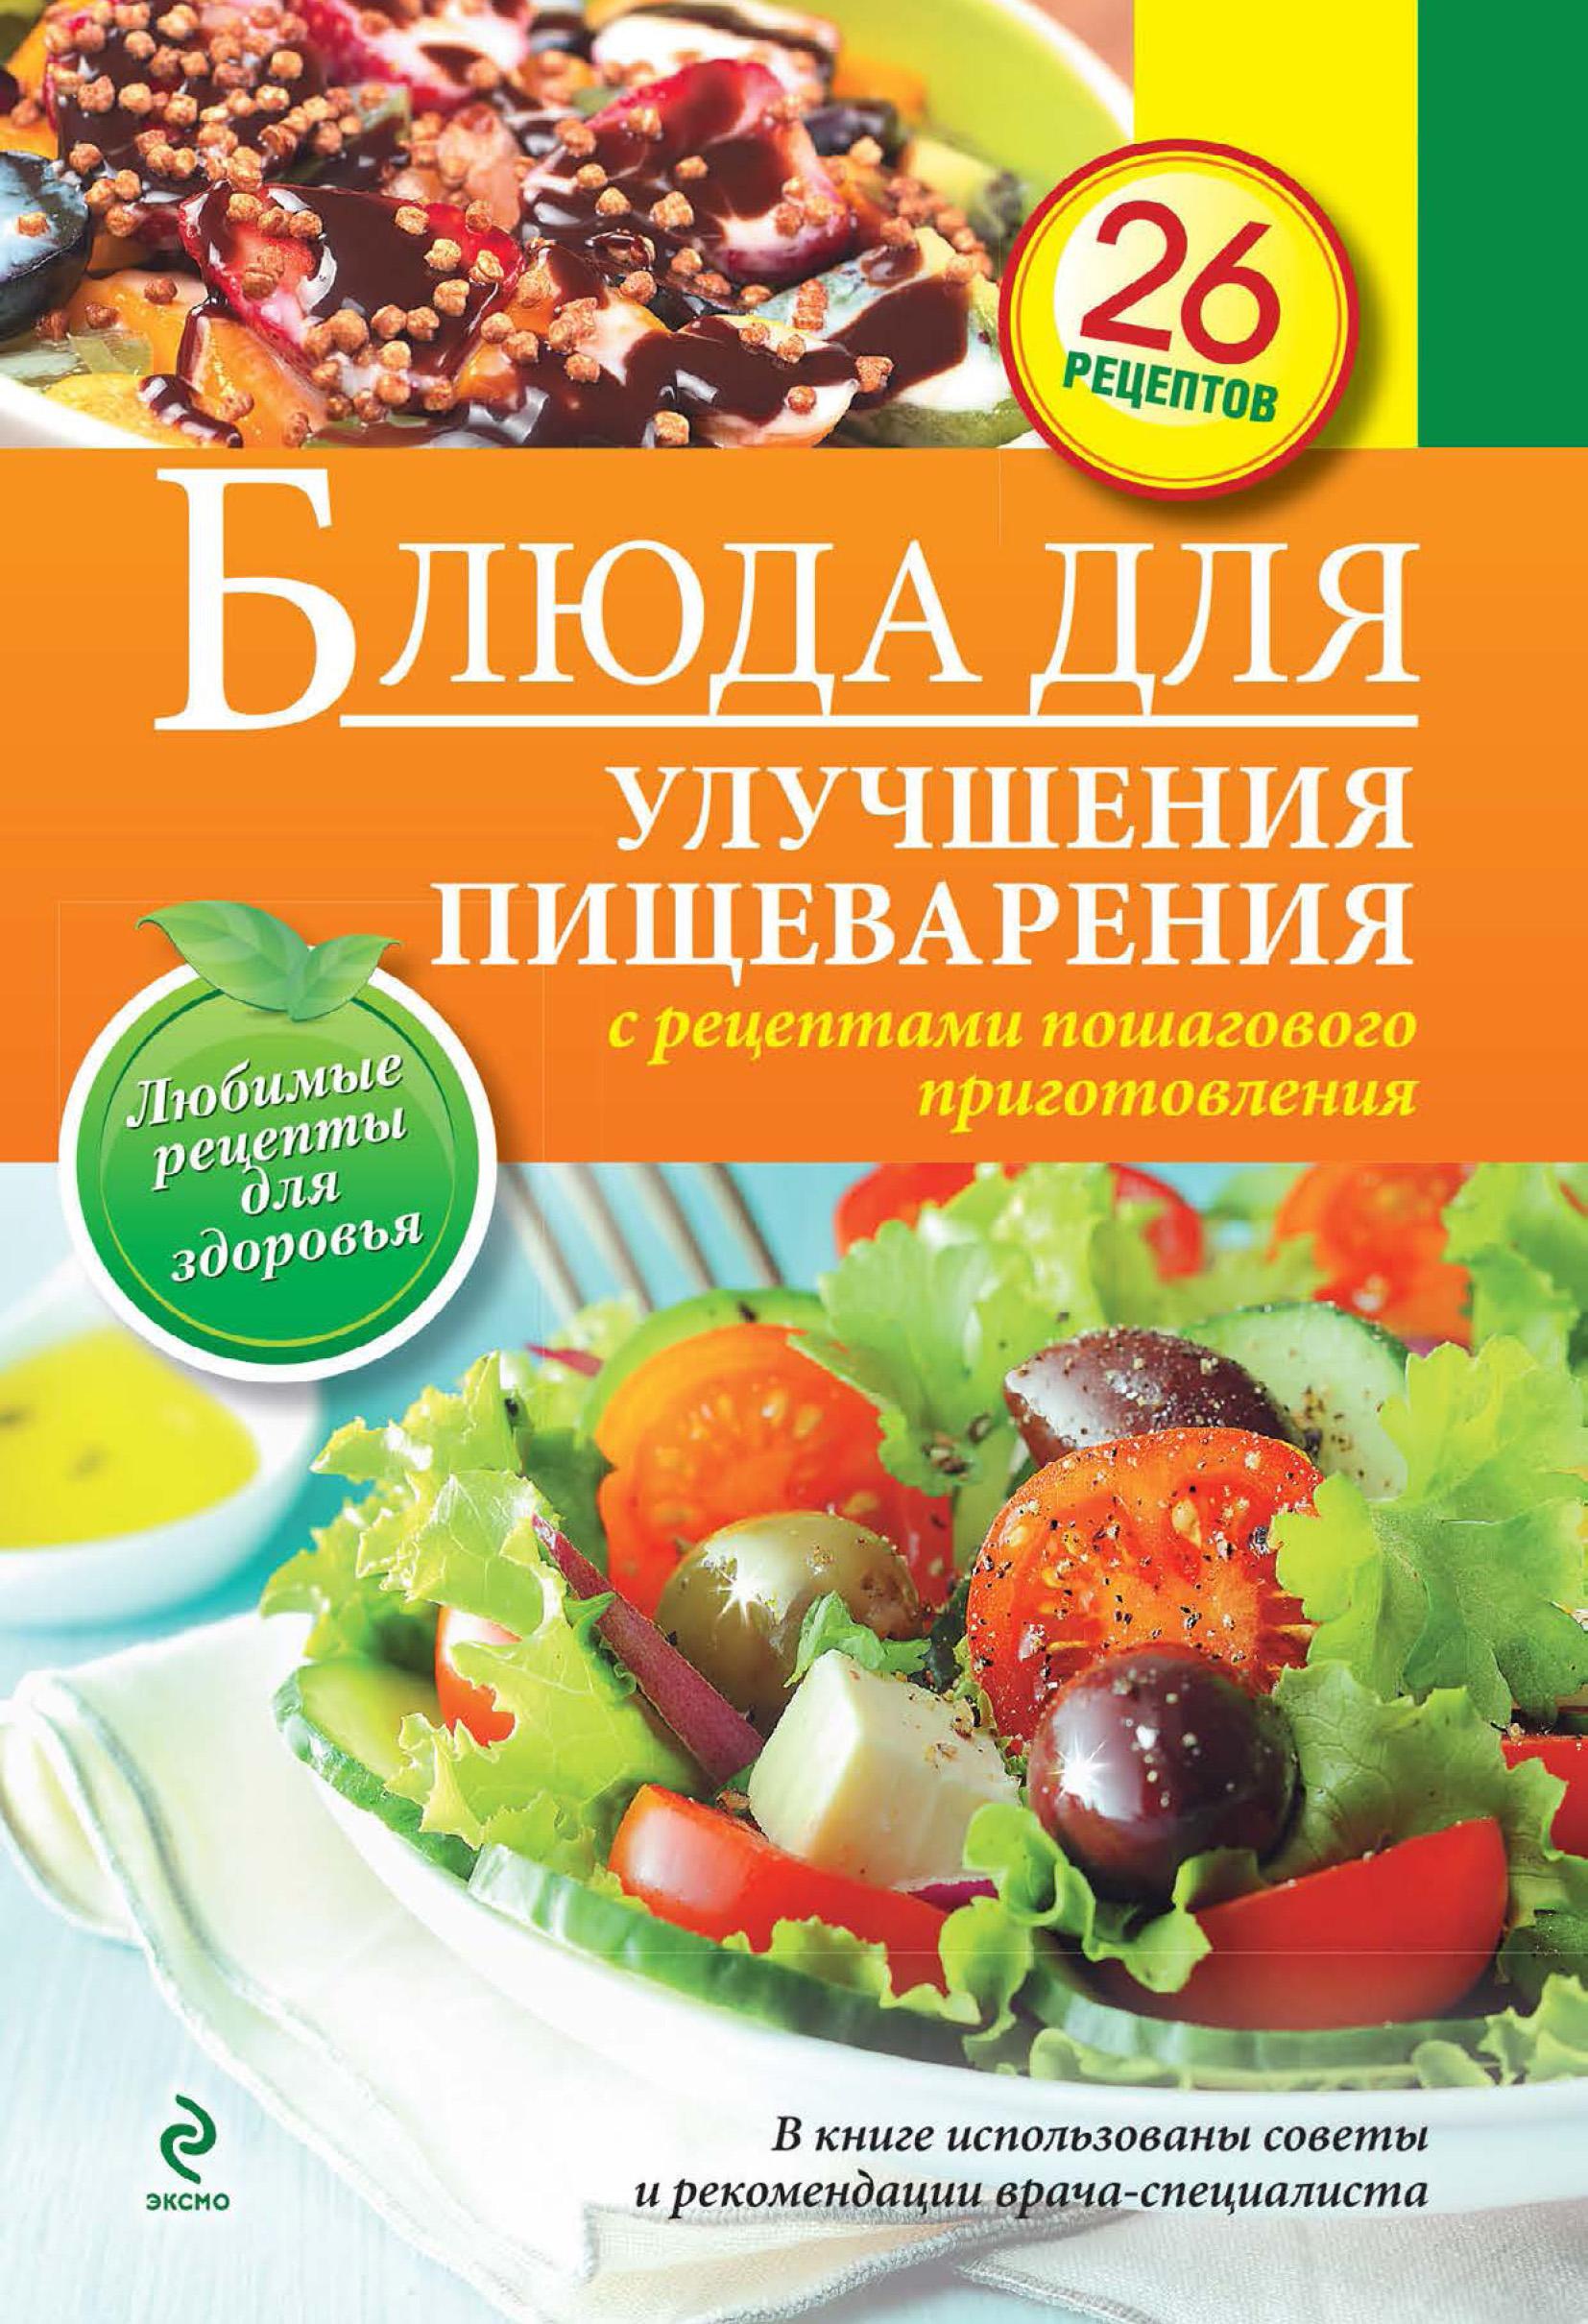 Отсутствует Блюда для улучшения пищеварения цены